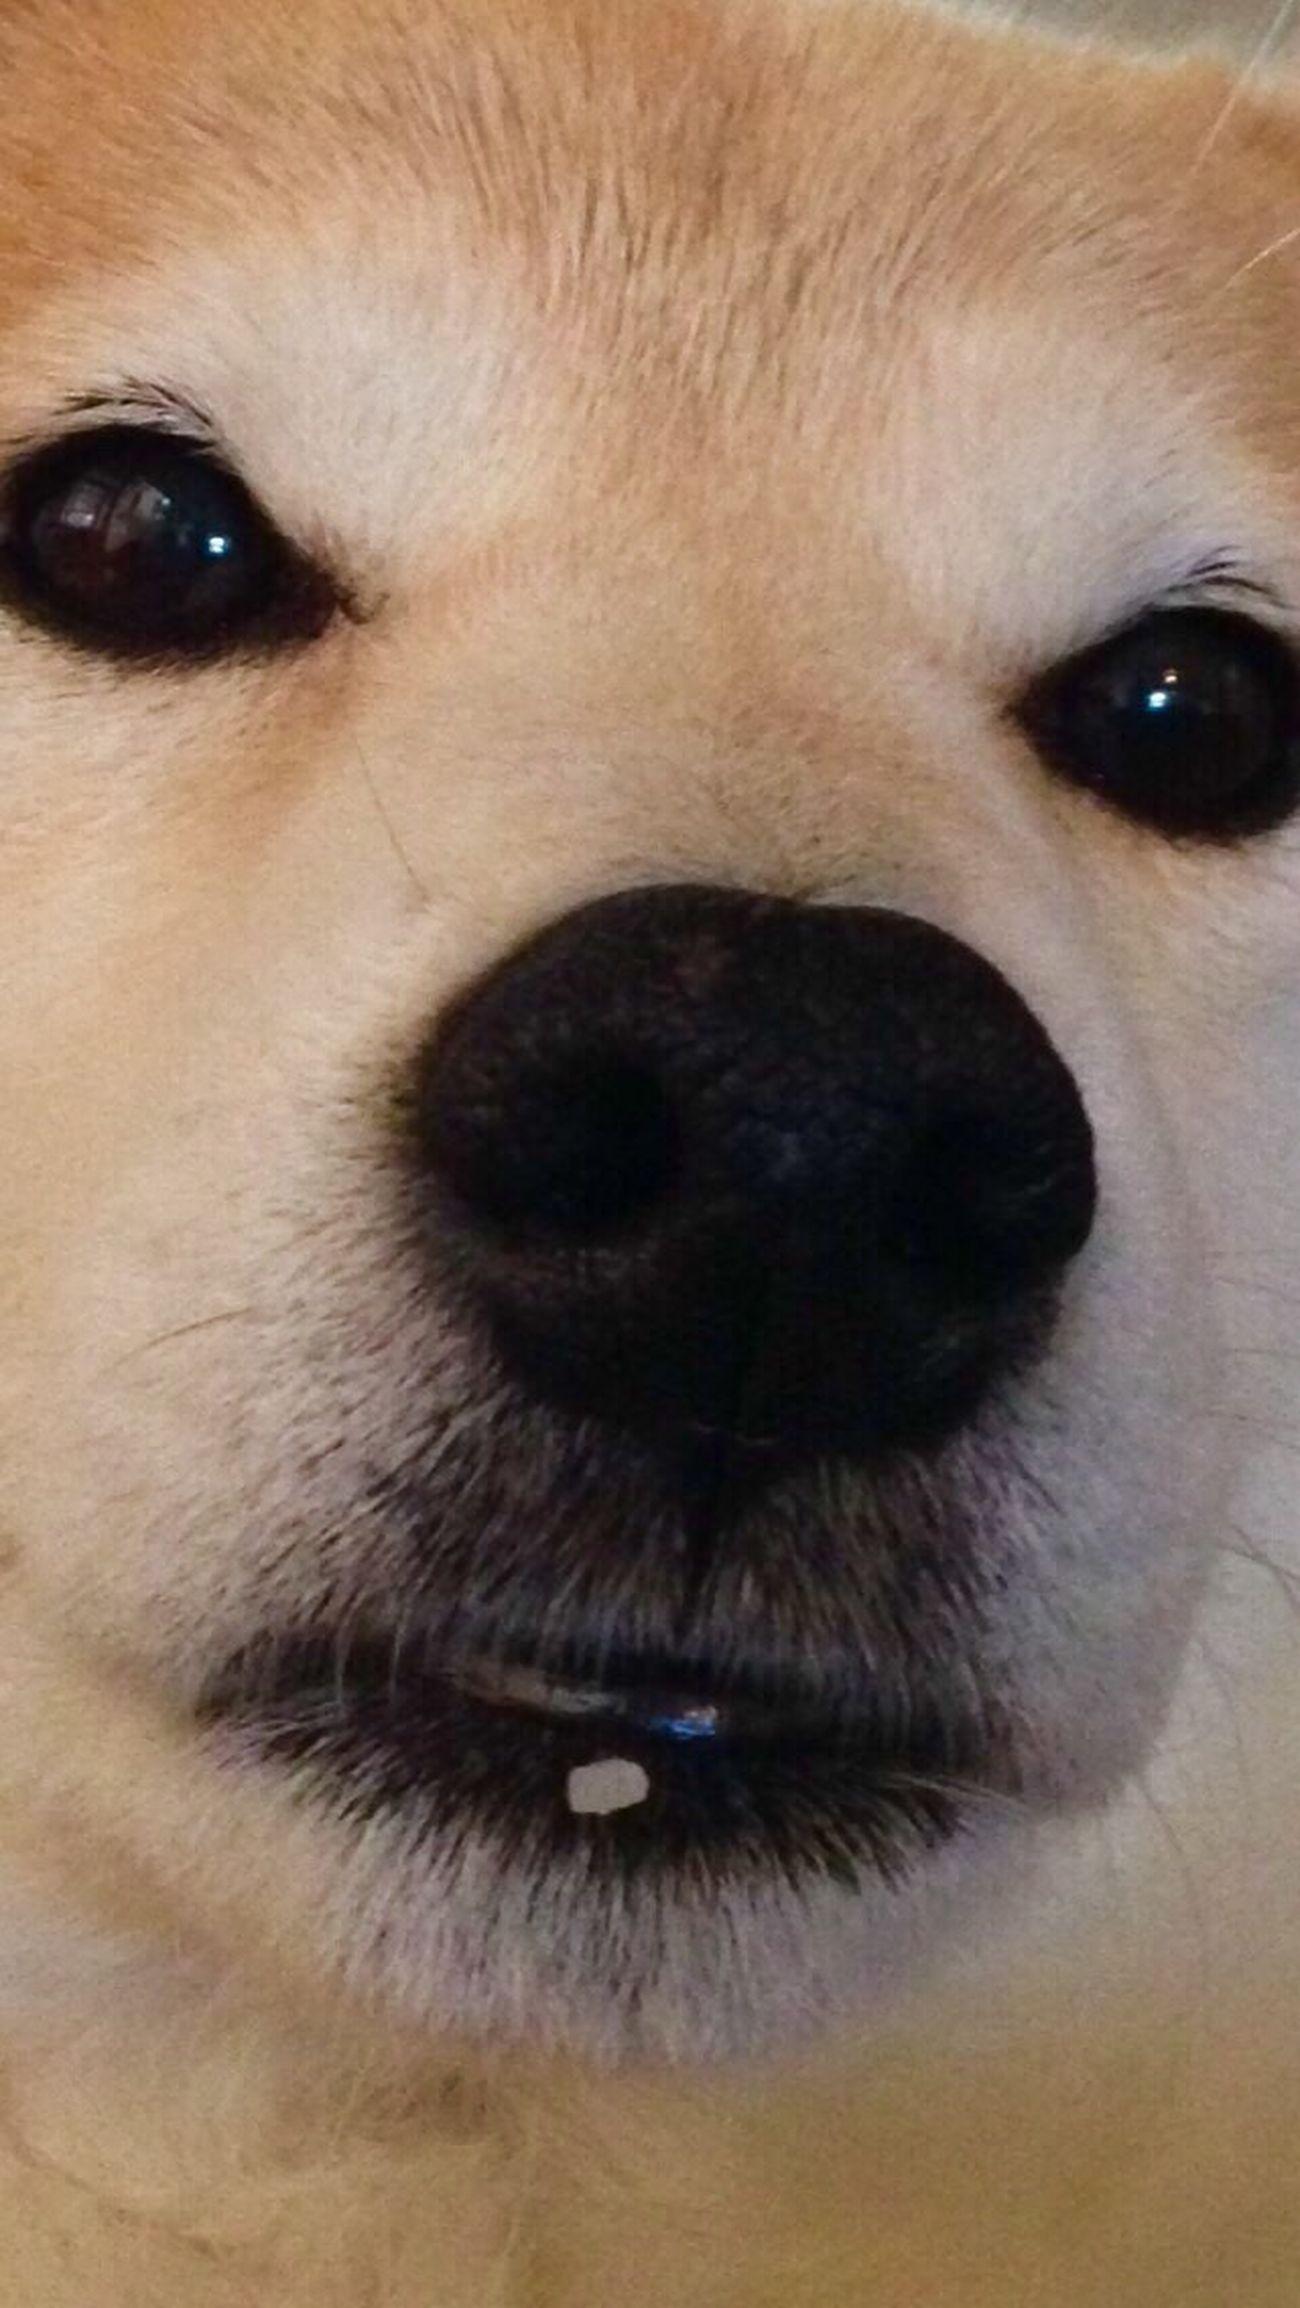 それが証拠だ…。食ったんだろ? Dog Pets Shiba Inu LOVE Shiba Inu